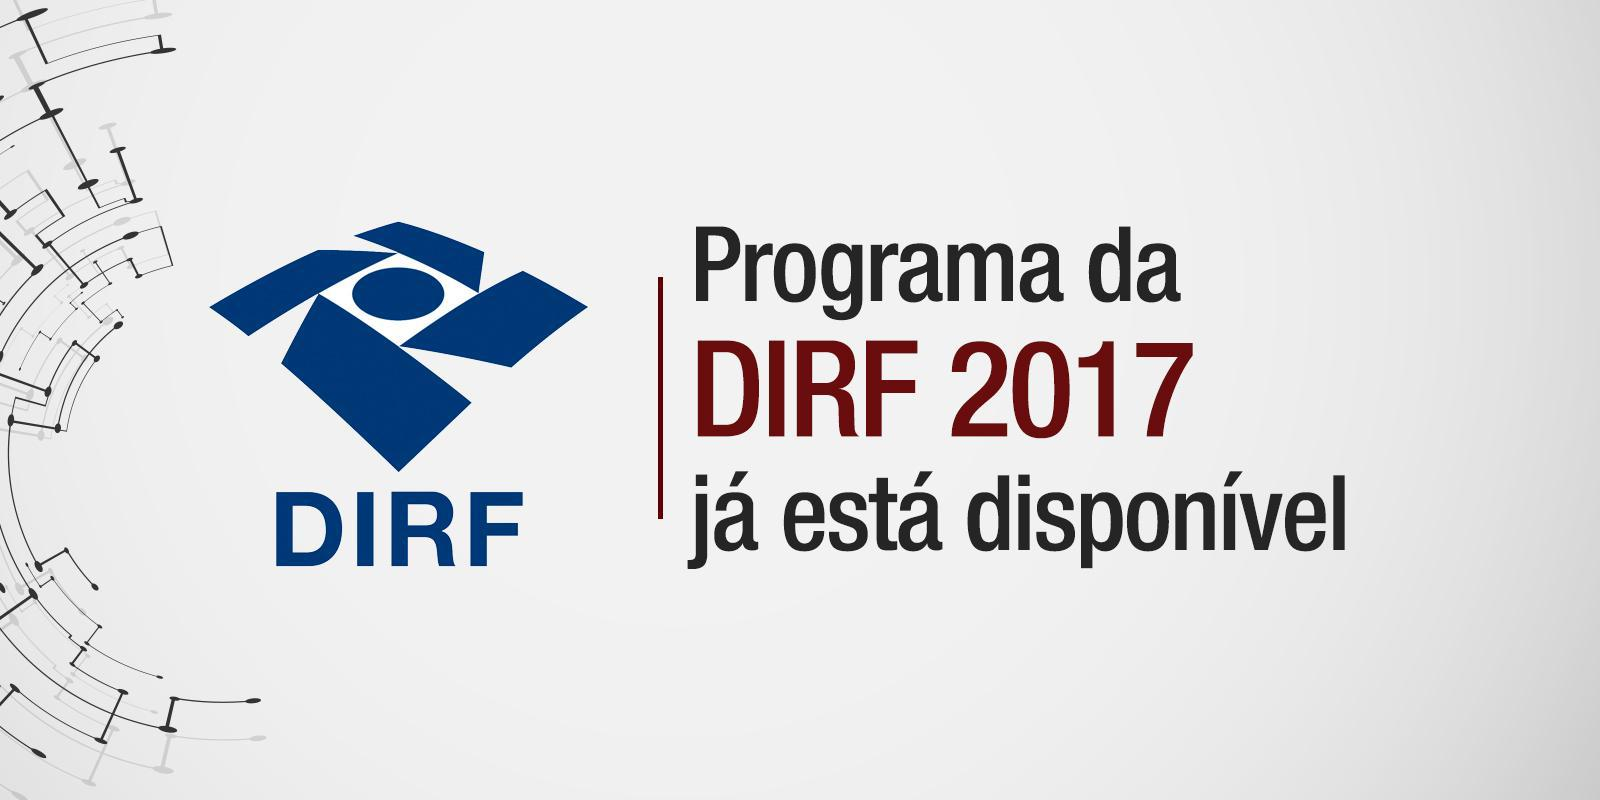 DIRF: Receita Federal libera o programa e prazo de entrega fica para o dia 27 de fevereiro